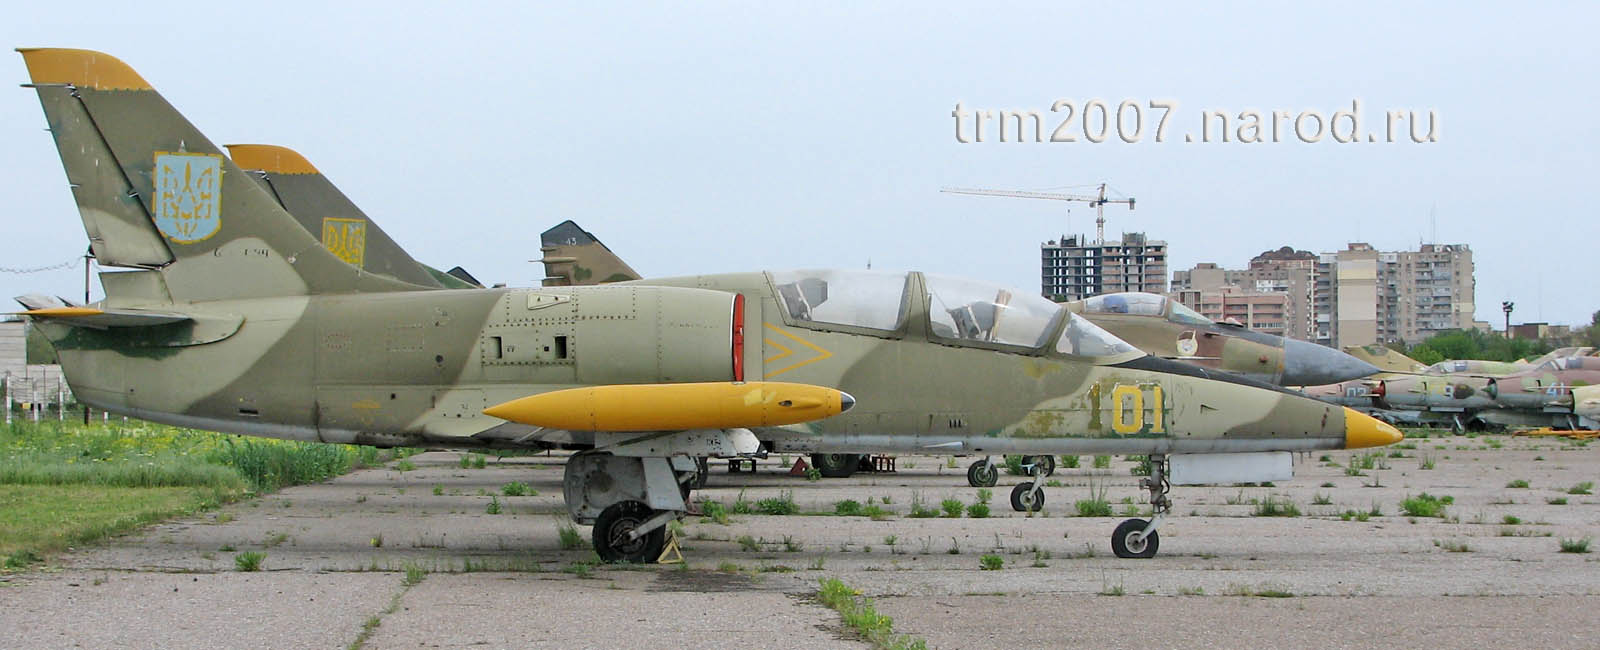 Л-39 Одесса, Украина